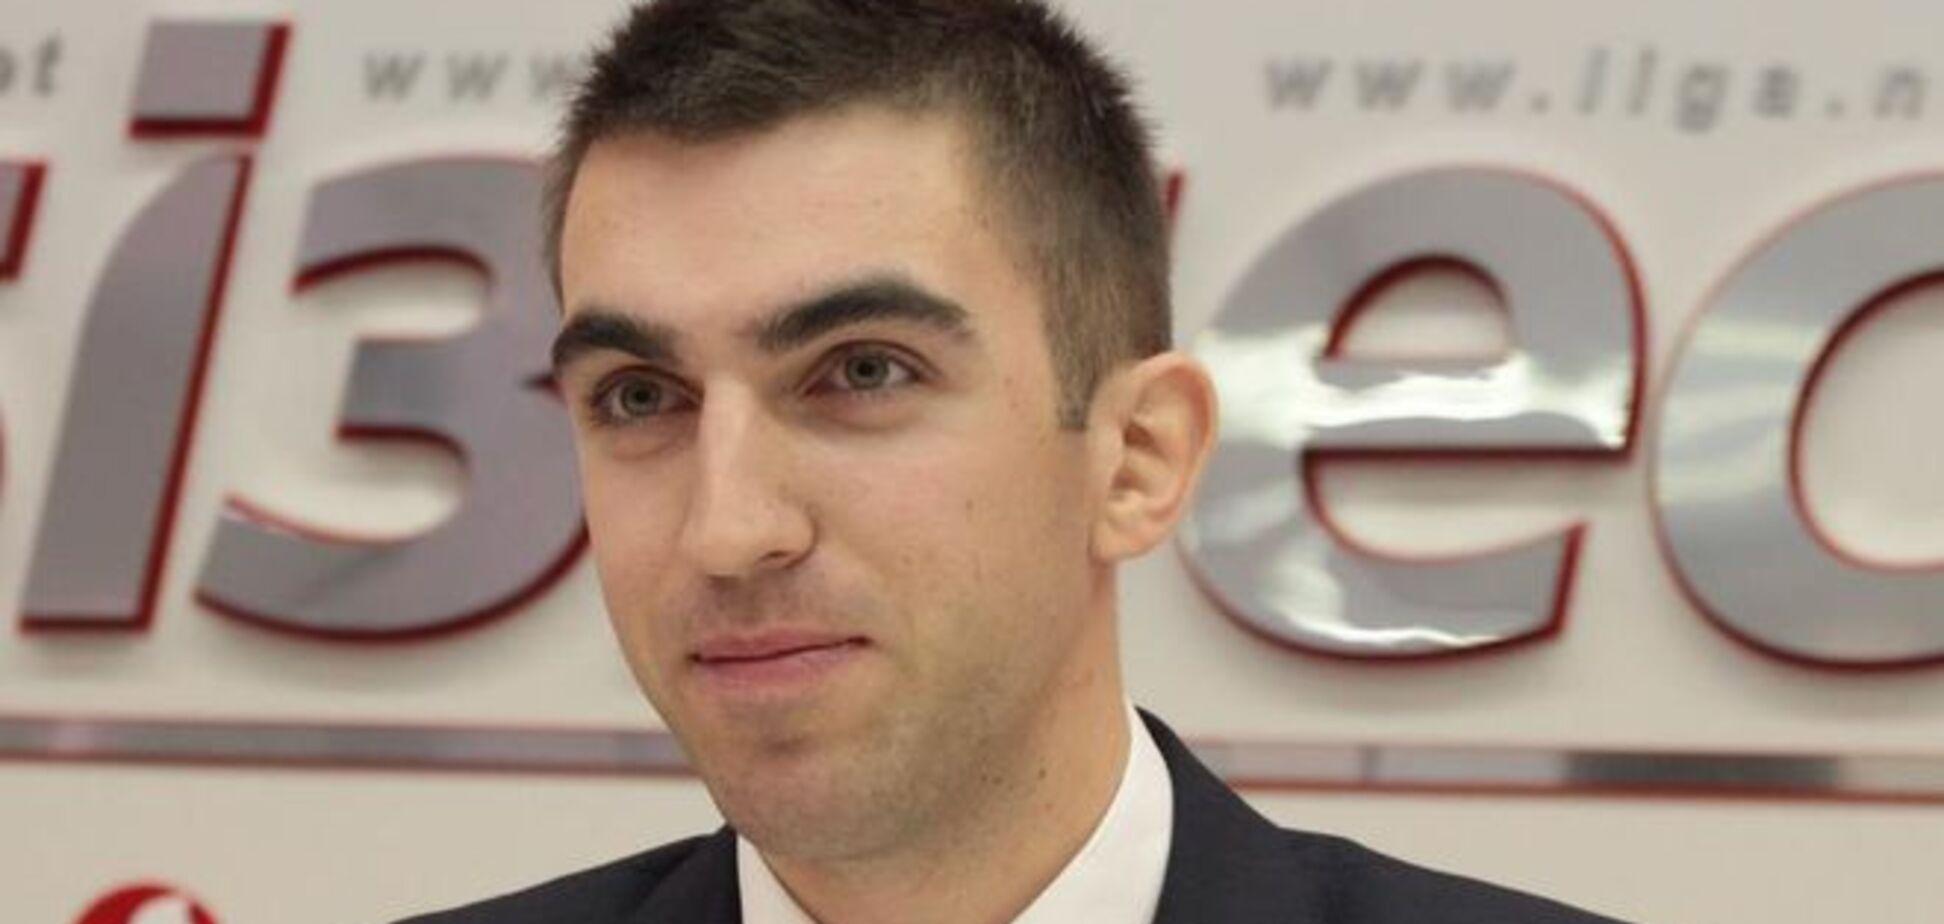 Сын Пашинского отказался отвечать, служил ли он в зоне АТО: видеофакт